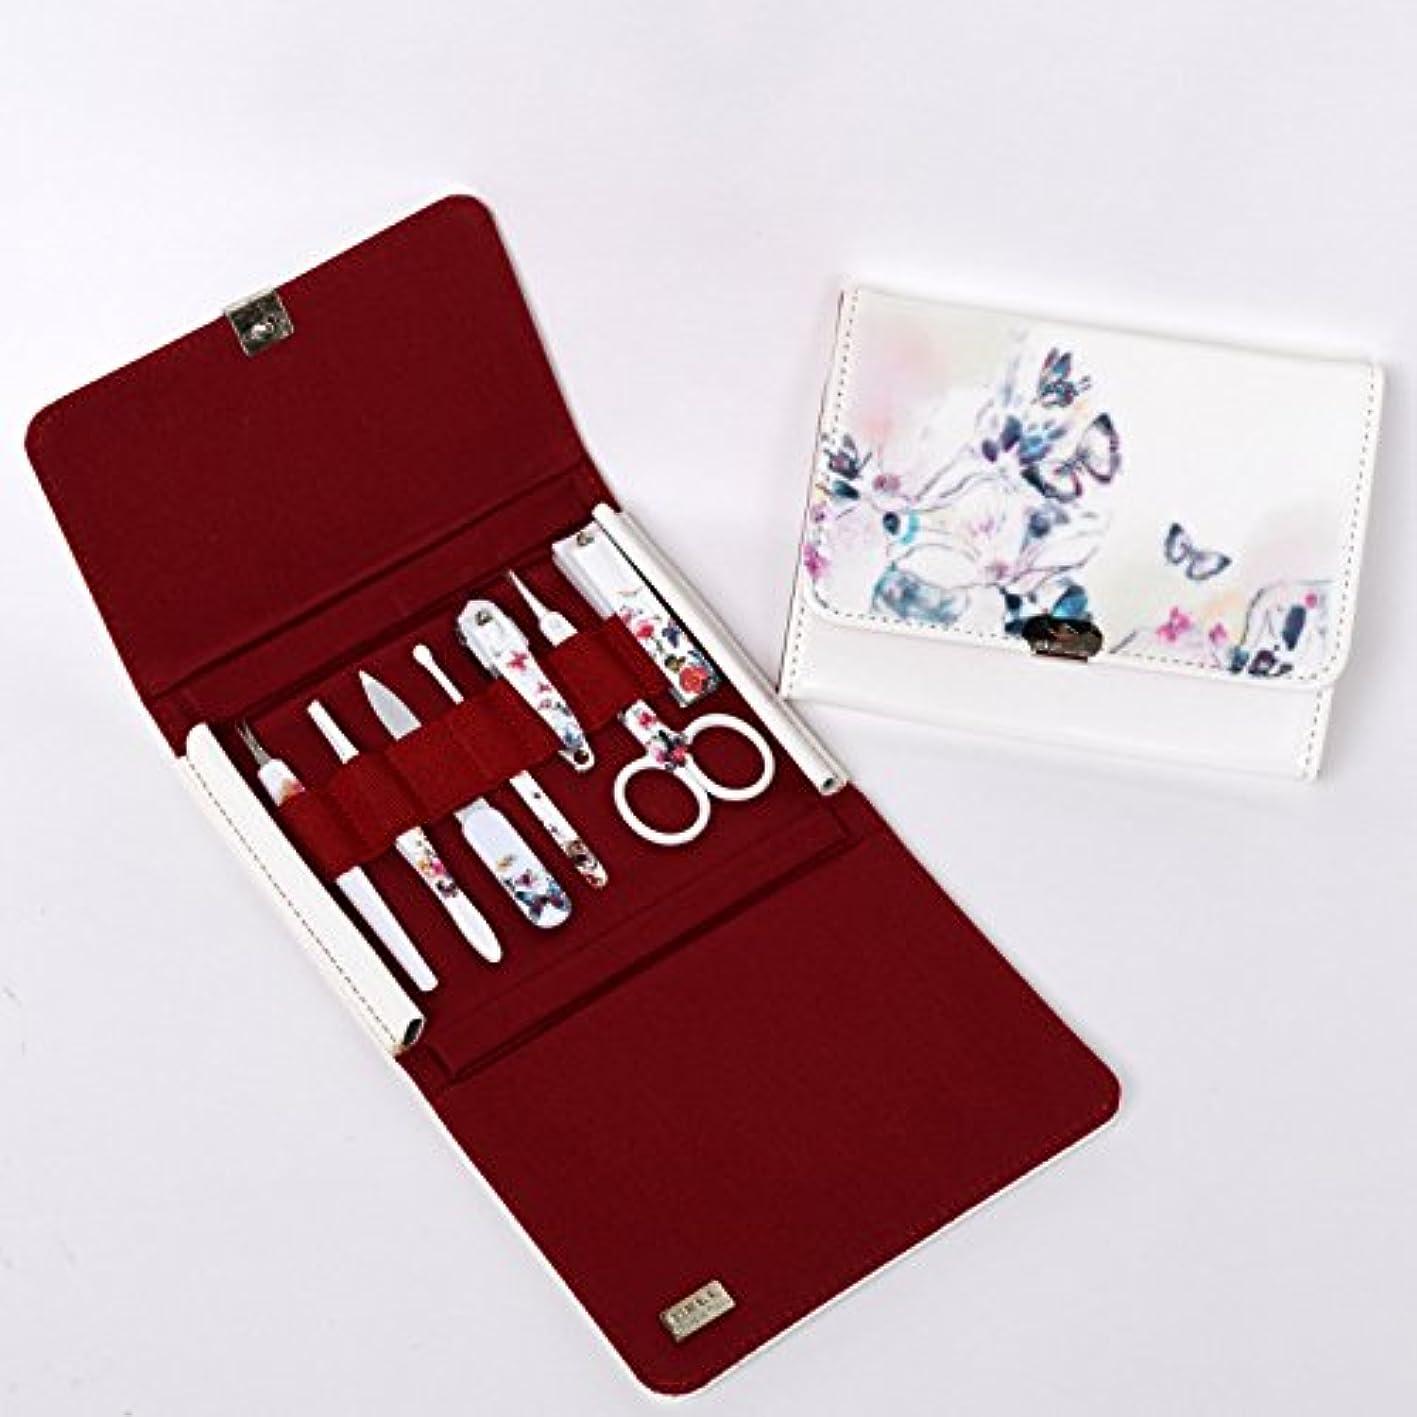 巻き戻すリフトメーターBELL Manicure Sets BM-270 ポータブル爪の管理セット 爪切りセット 高品質のネイルケアセット高級感のある東洋画のデザイン Portable Nail Clippers Nail Care Set